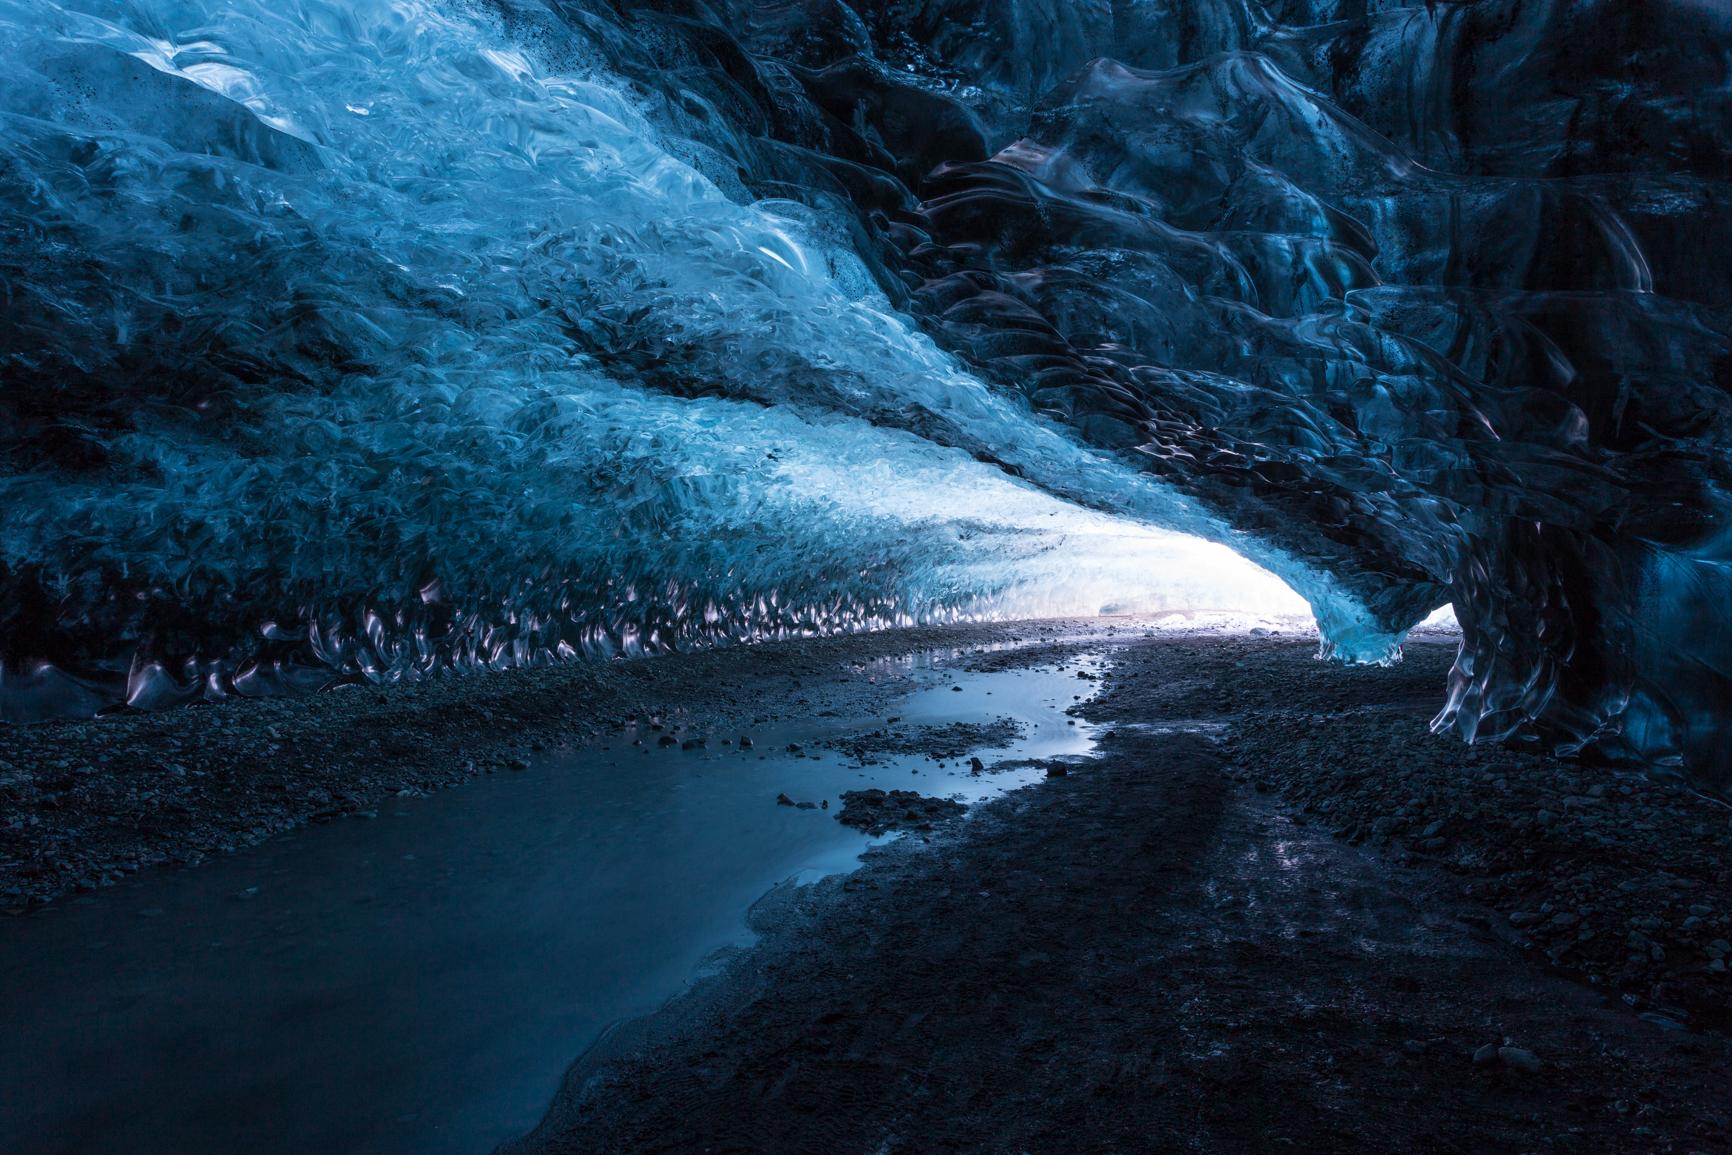 Download 71+ Pemandangan Wallpaper Cave HD Terbaru